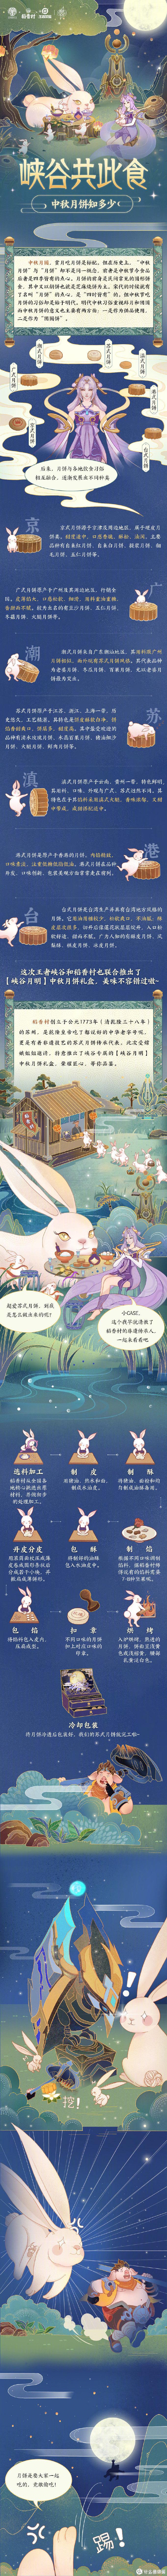 重返游戏:王者荣耀五虎上将关羽将上线 稻香村联名月饼现已推出